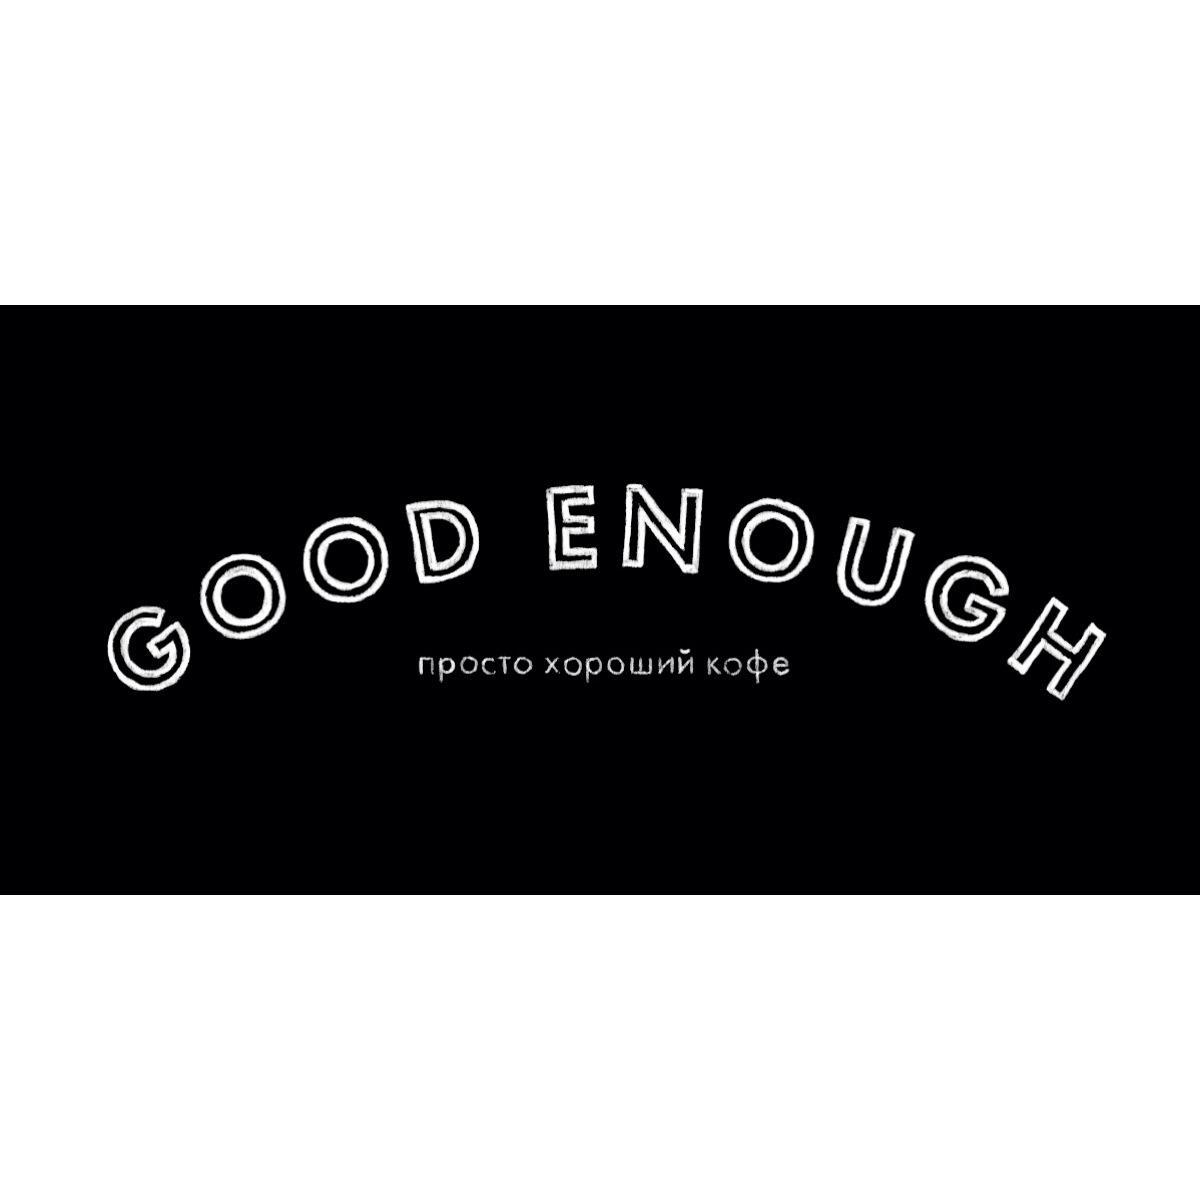 good enough.jpg